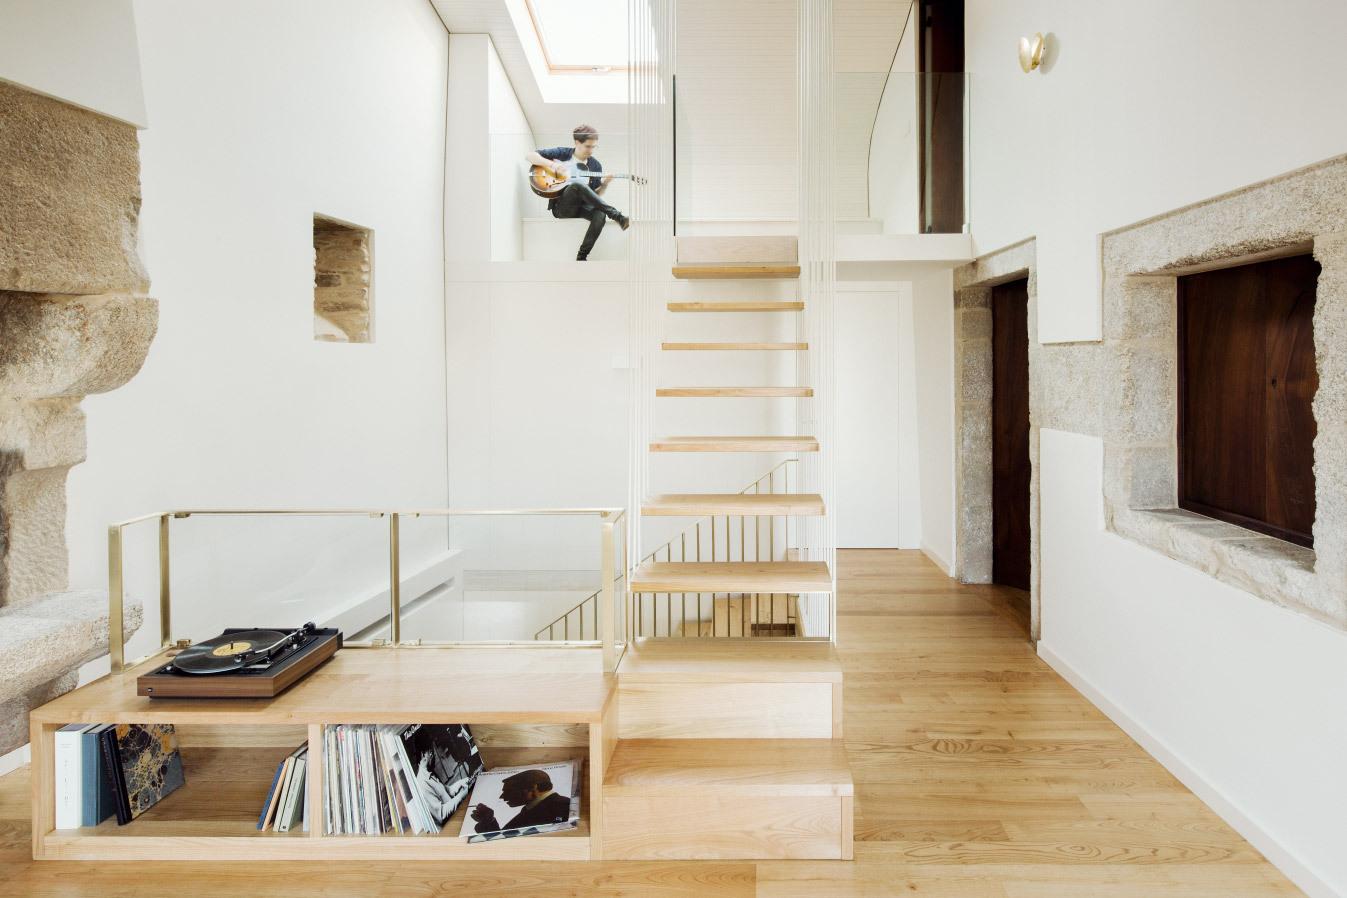 Casa do medio arrokabe arquitectos archdaily - Arquitectos santiago de compostela ...